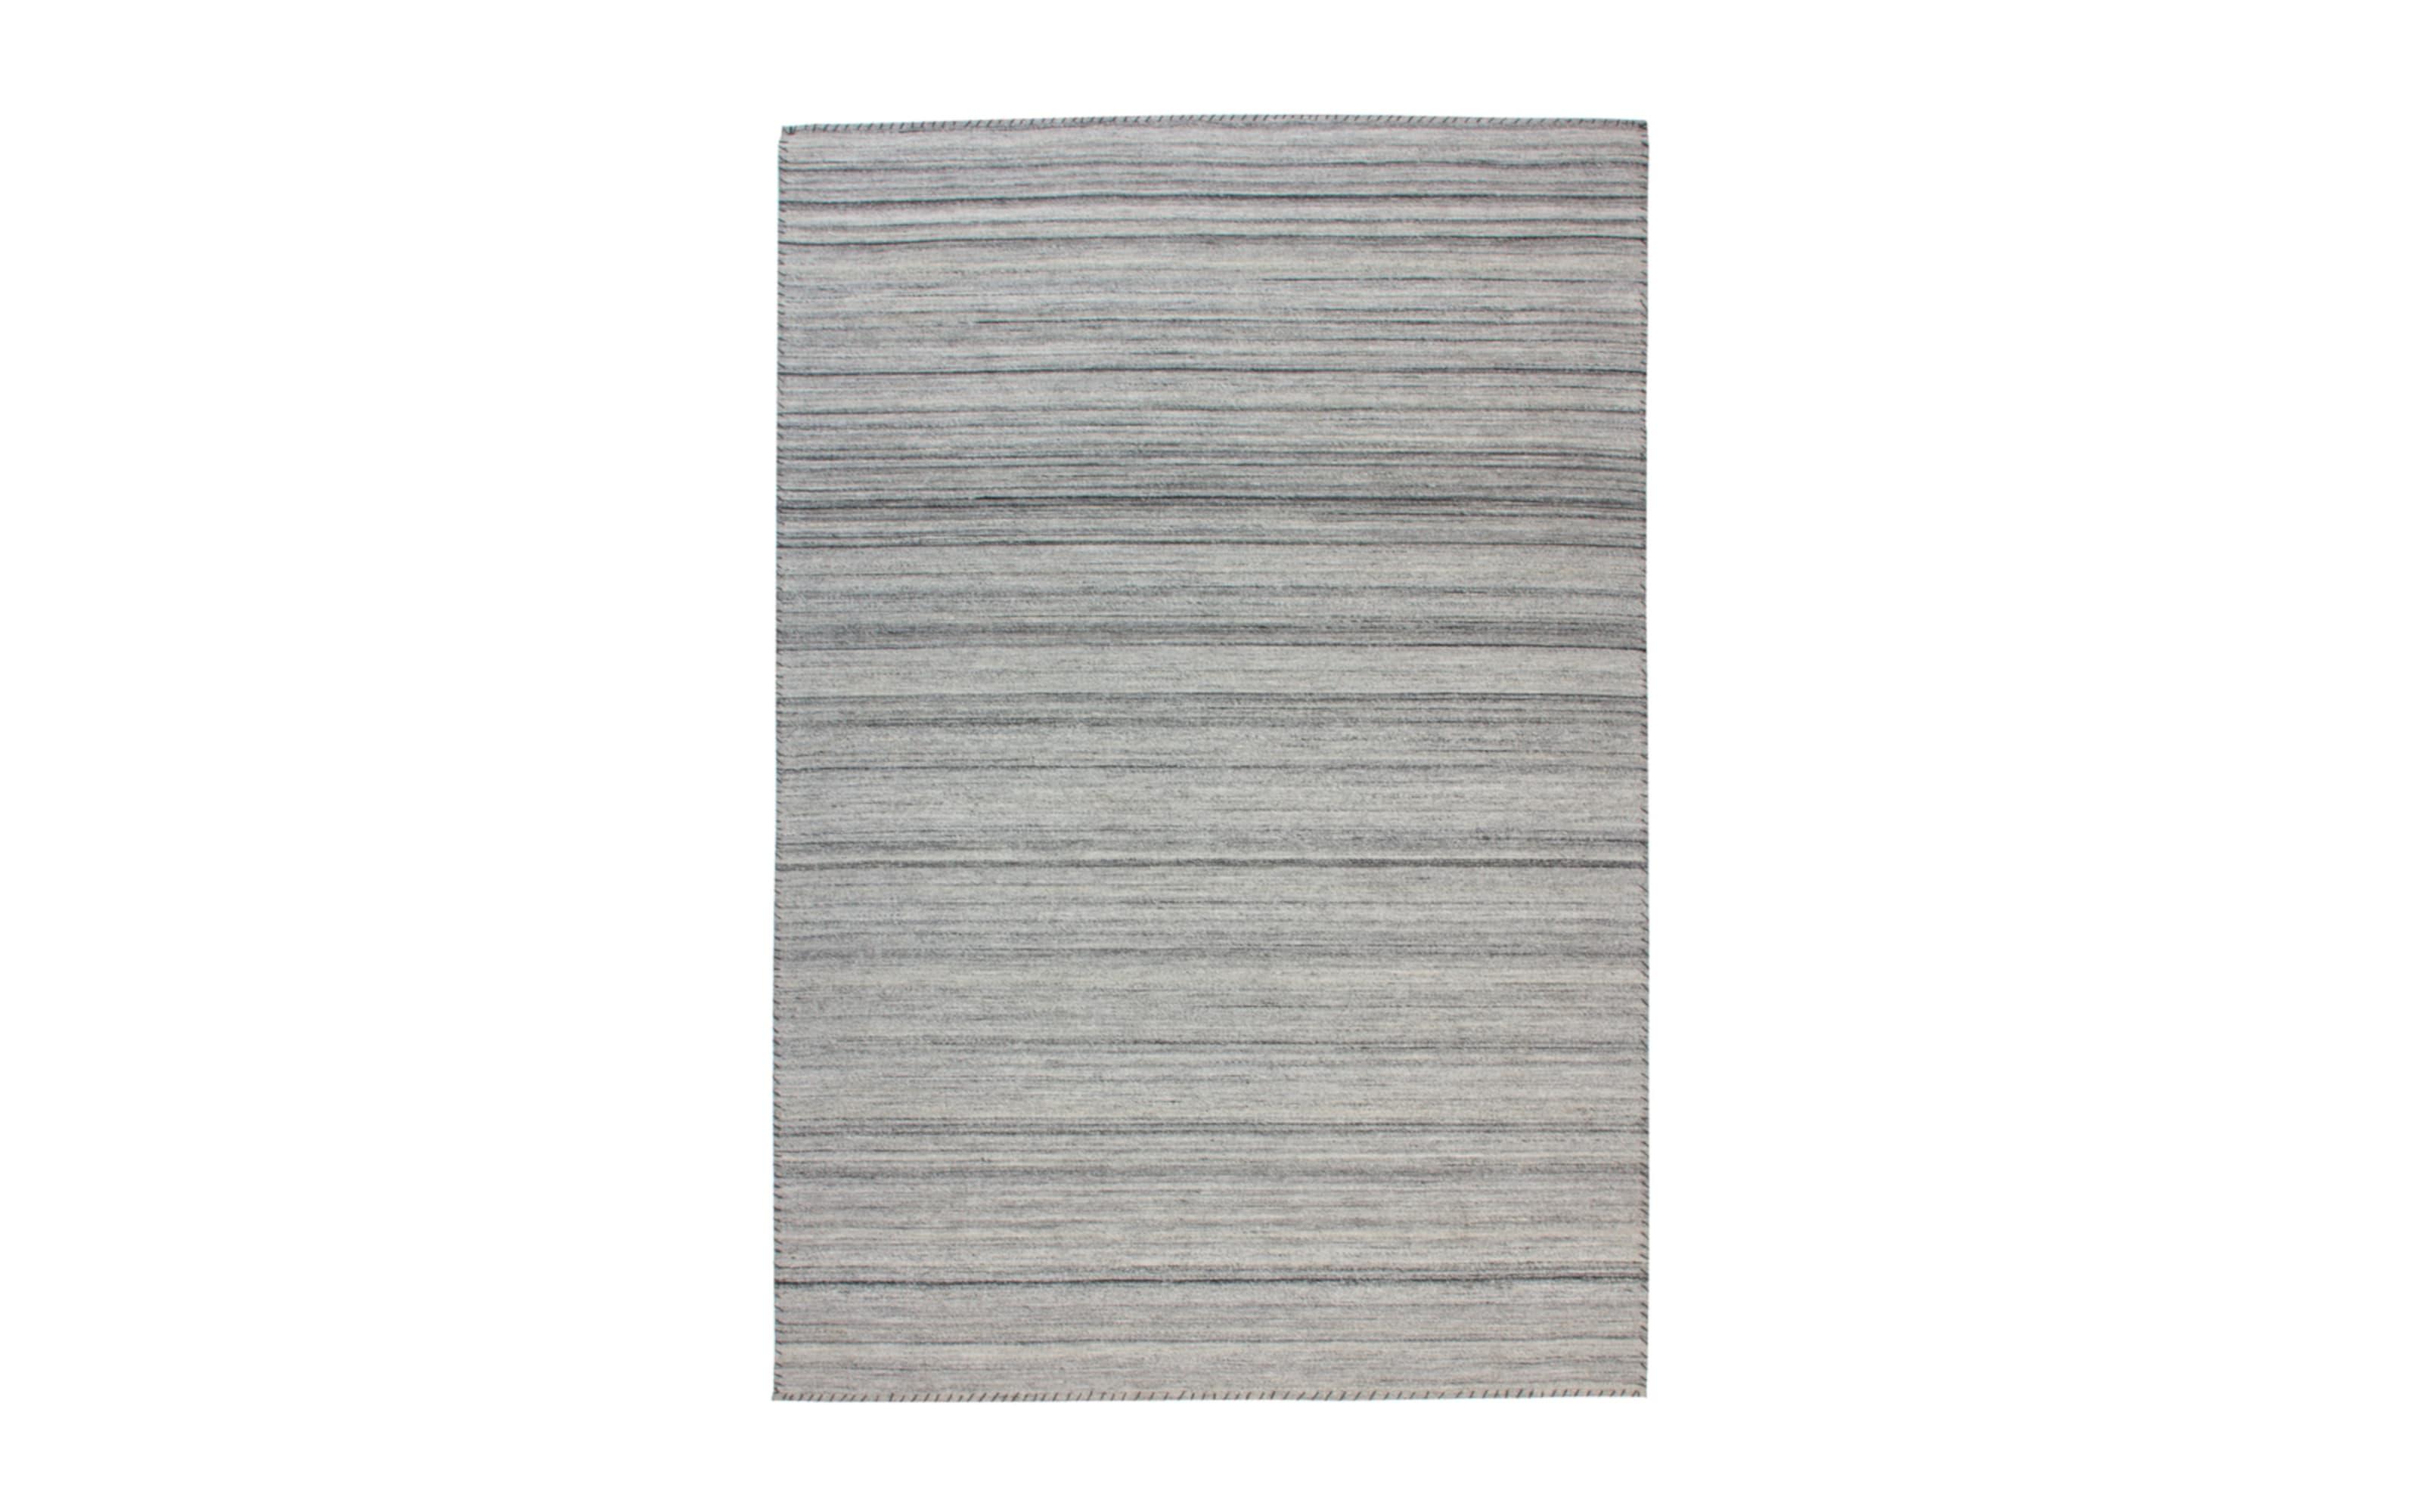 Teppich Phoenix 210 in grau-multi, 80 x 150 cm